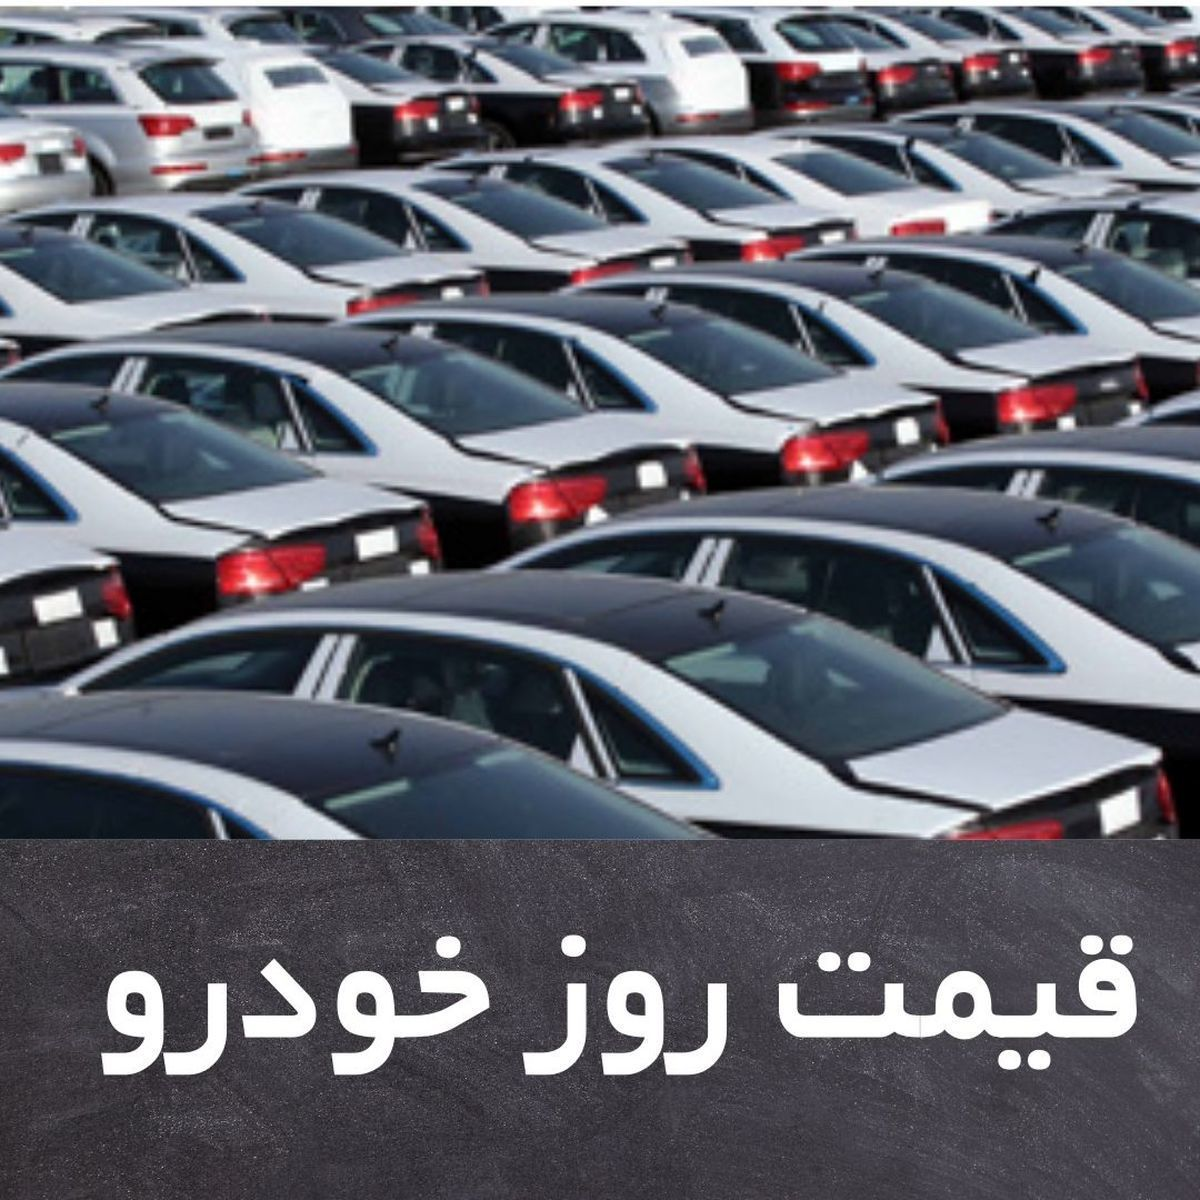 قیمت پراید سرسام آور شد + جدول